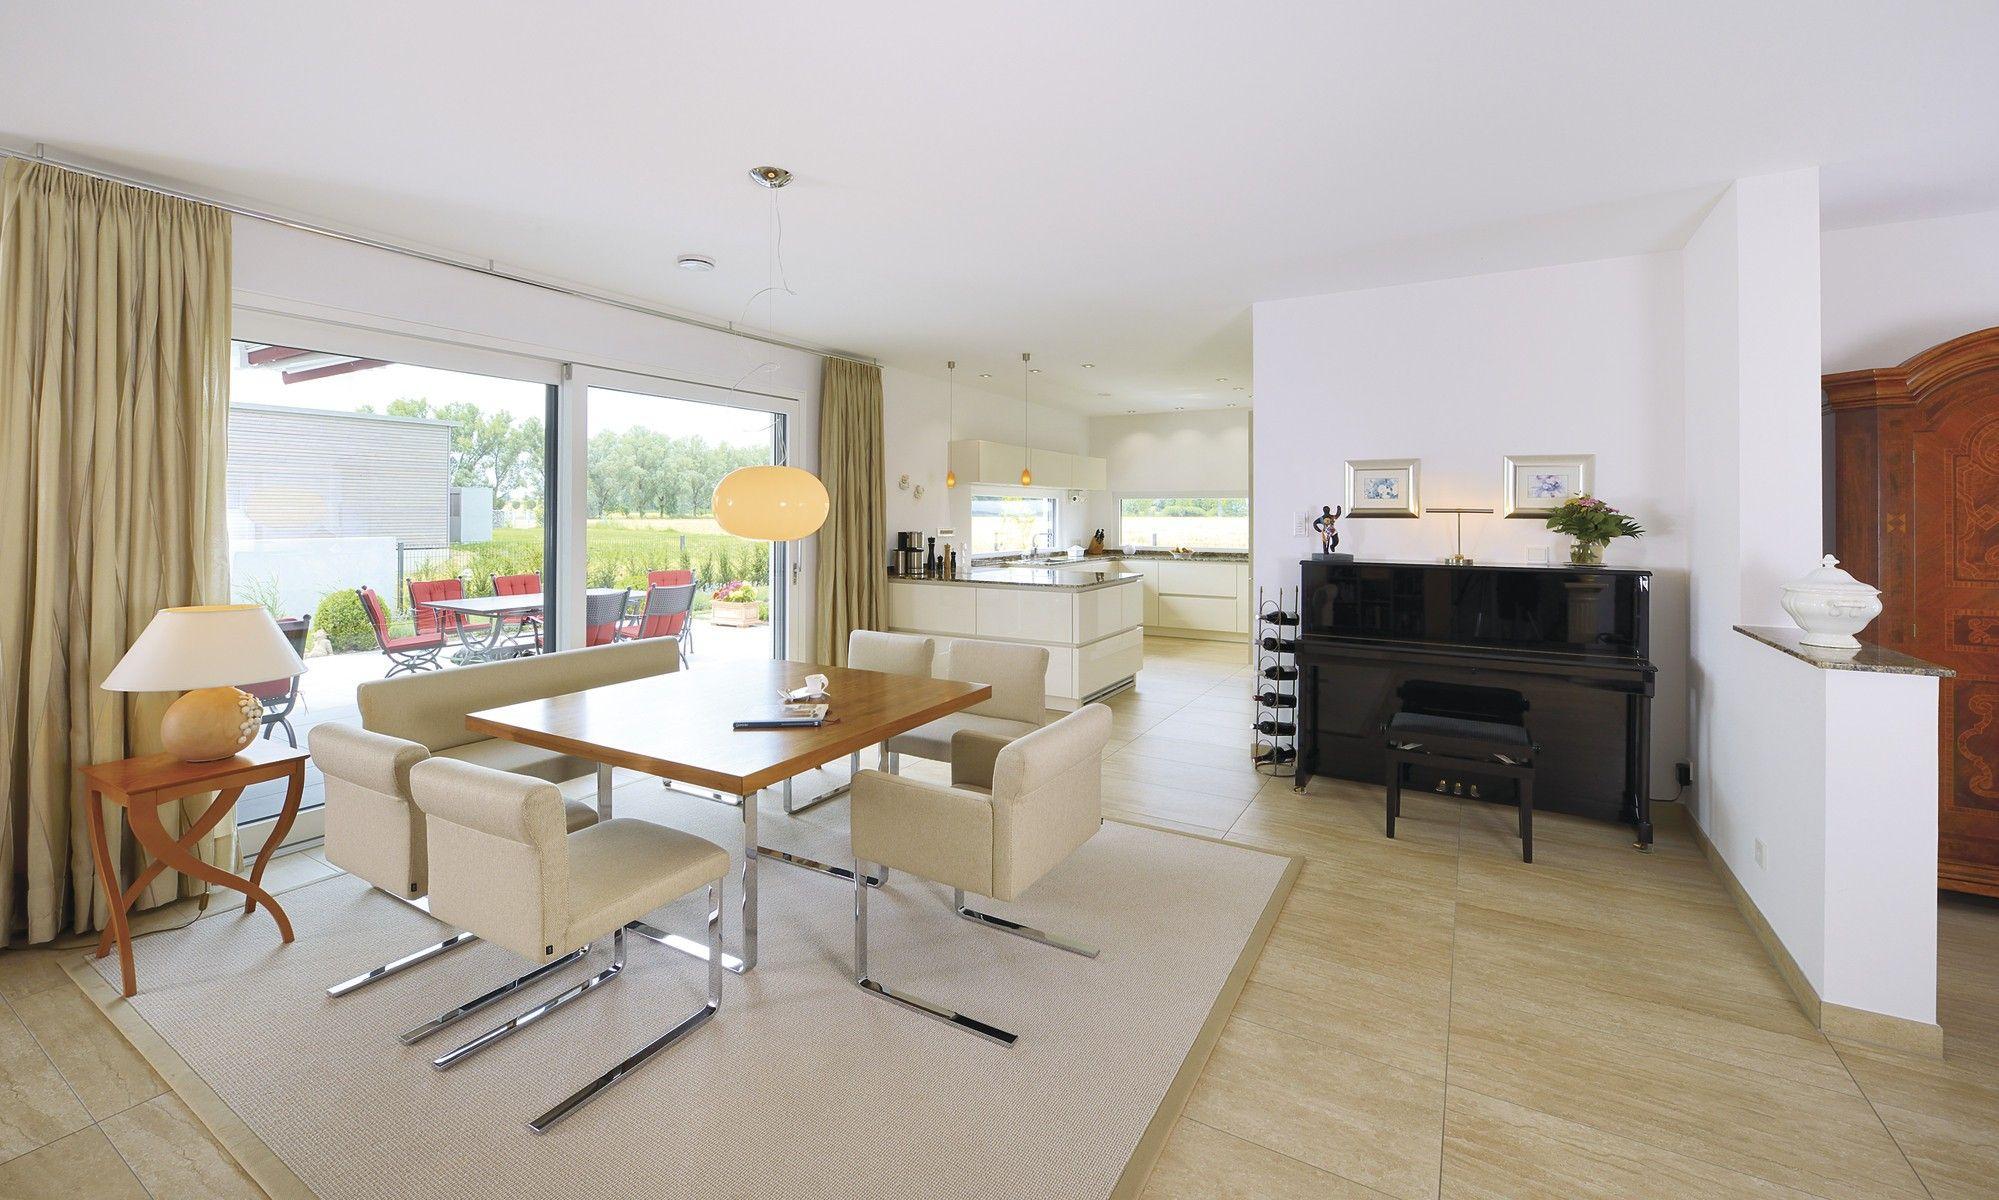 Wohn-Essbereich offen mit Küche - Einrichtung WeberHaus Bungalow ...